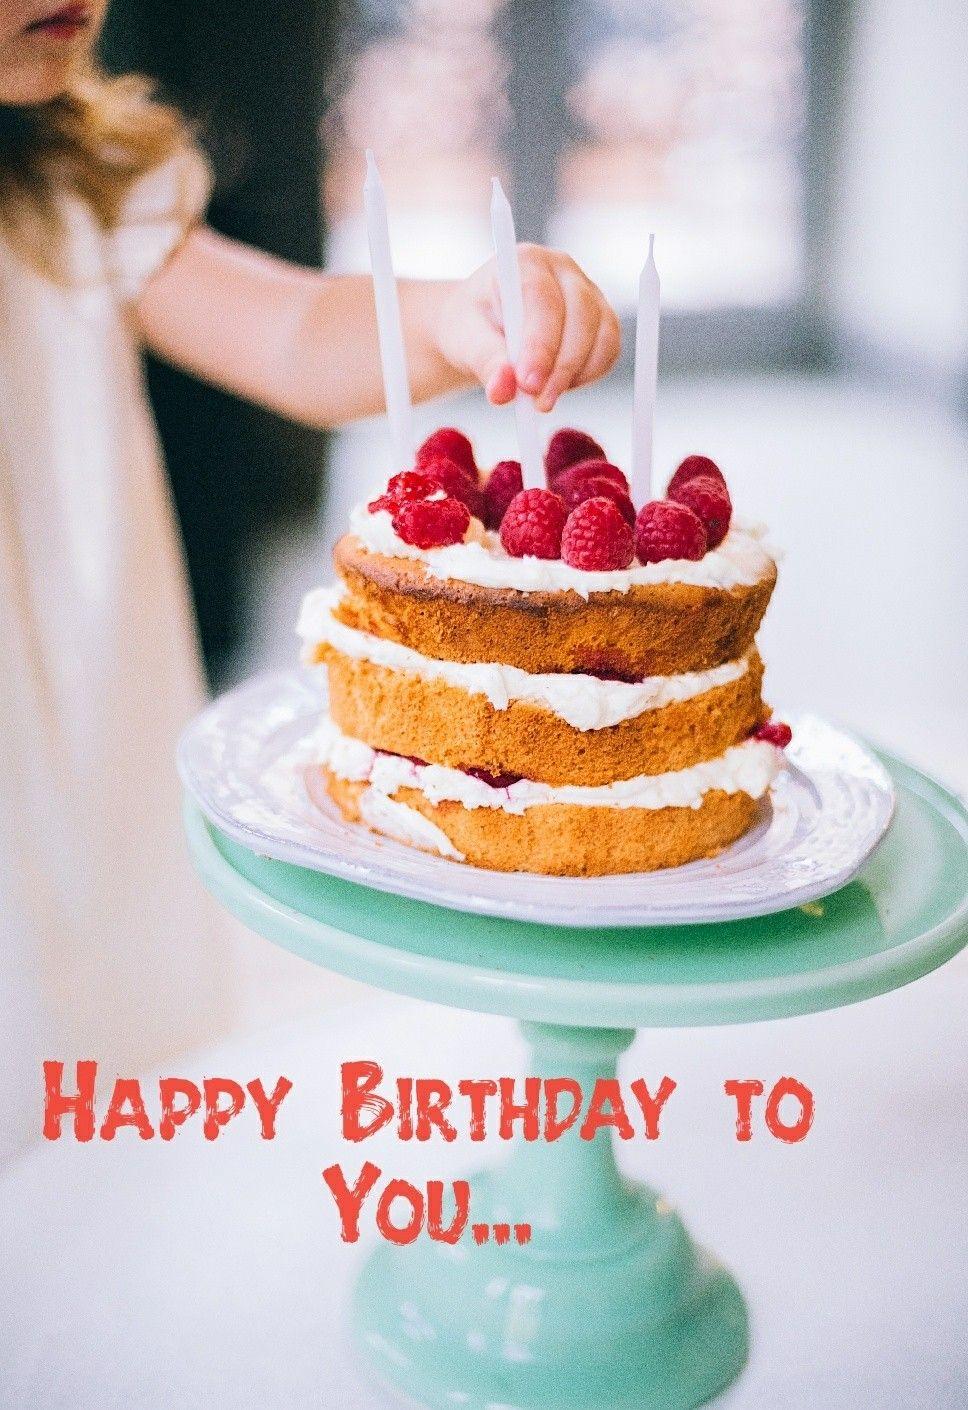 Happy Birthday My Dear Easy Holiday Desserts Holiday Desserts Desserts